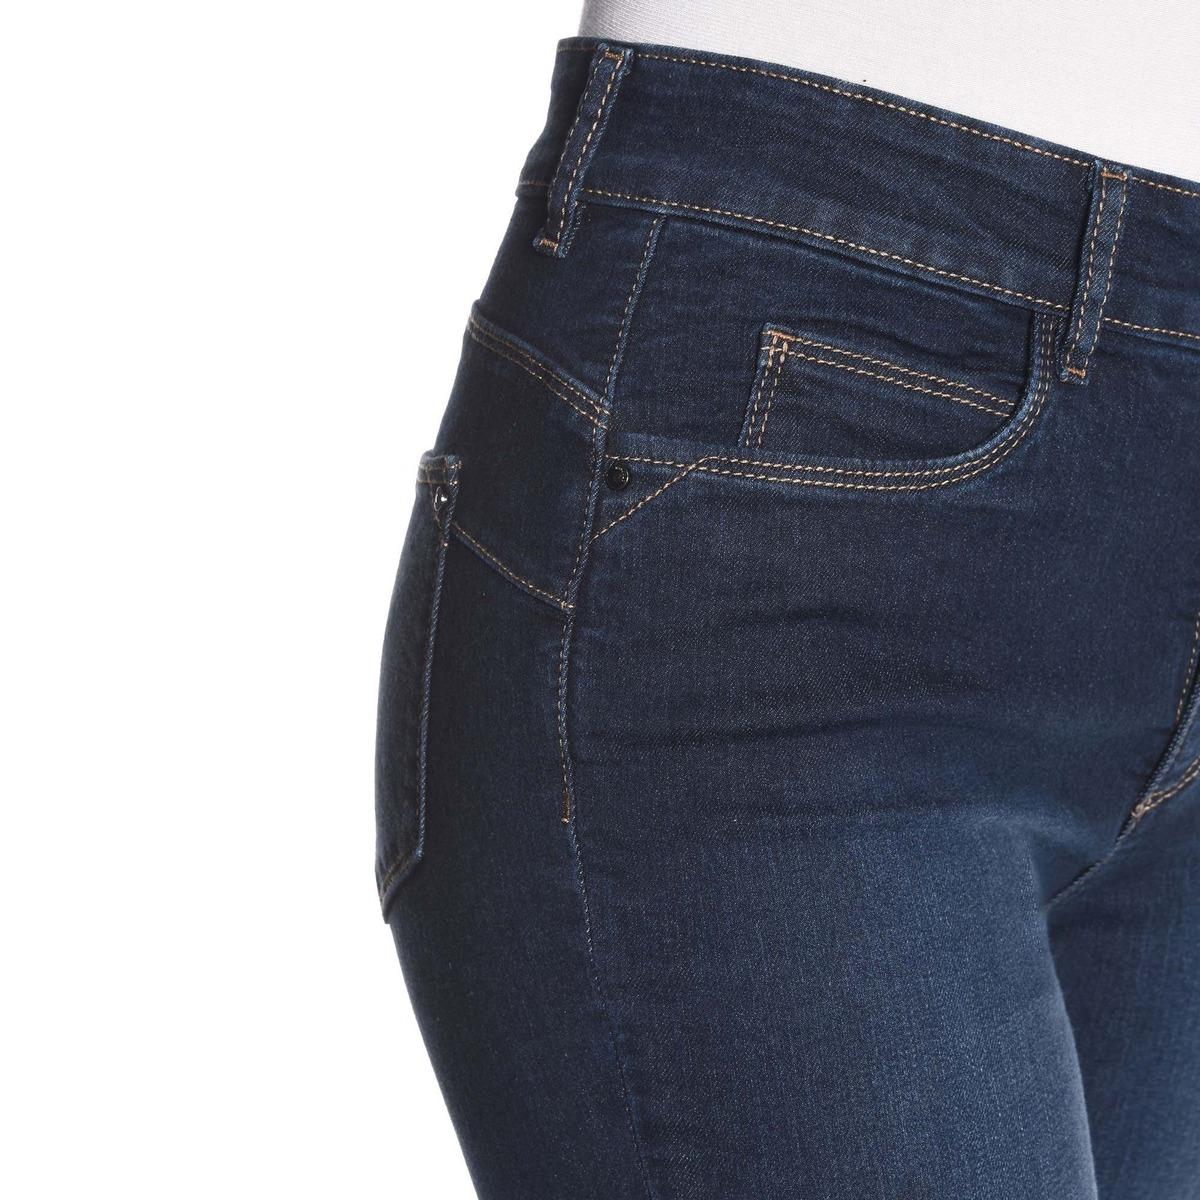 Bild 3 von Damen-Stooker-Jeans mit High-Waist-Cut, große Größen